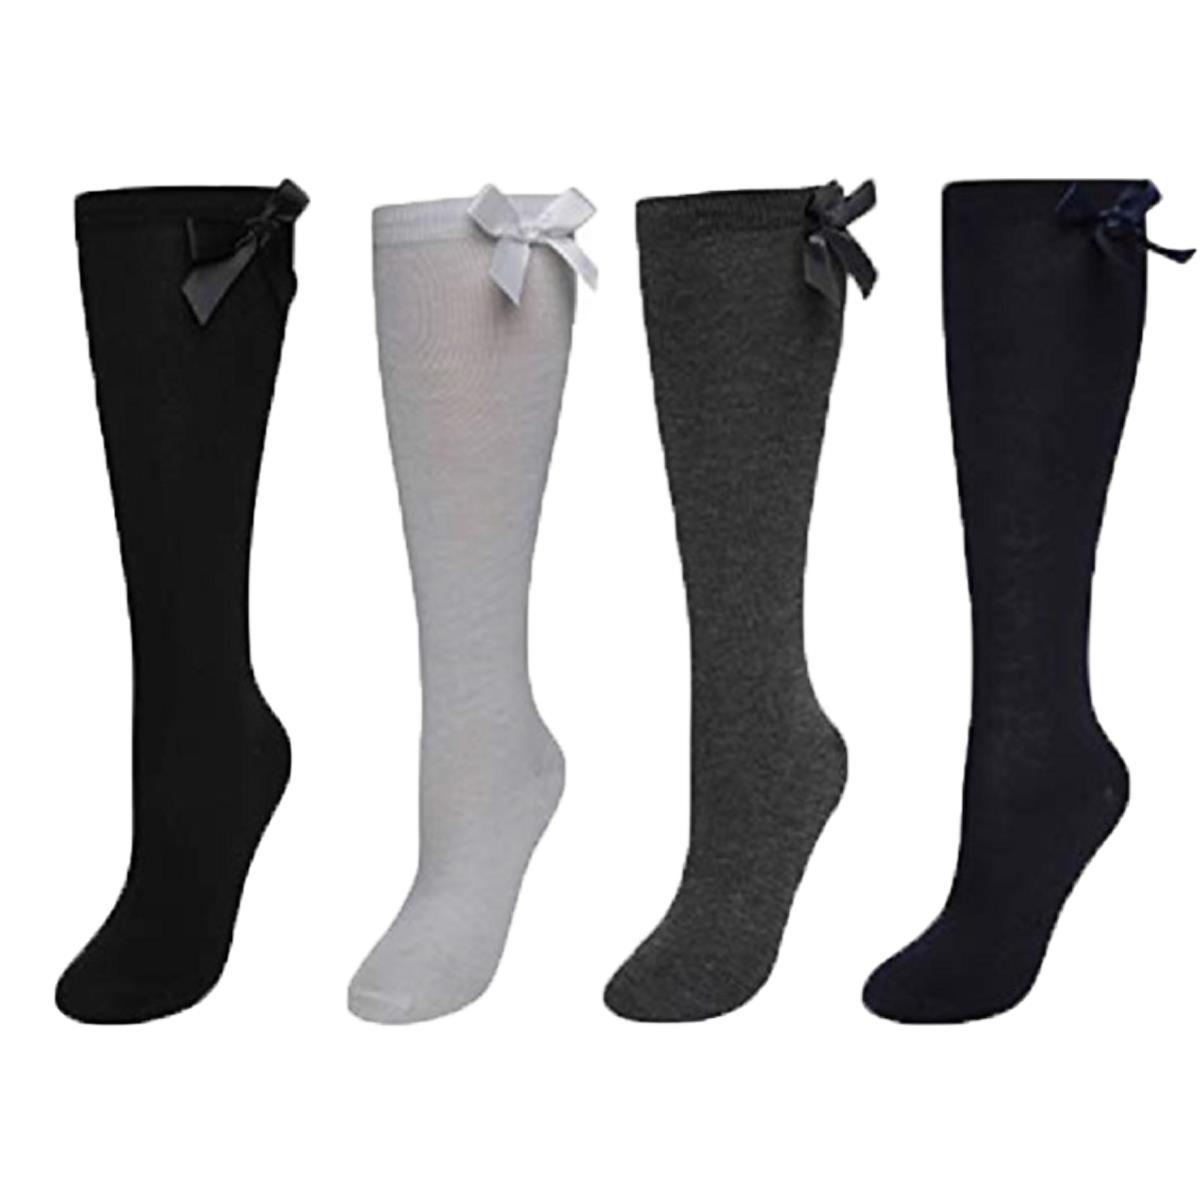 Ladies Women Girls Long Knee High Plain Comfort Style Socks UK 9-12 EUR 27-30